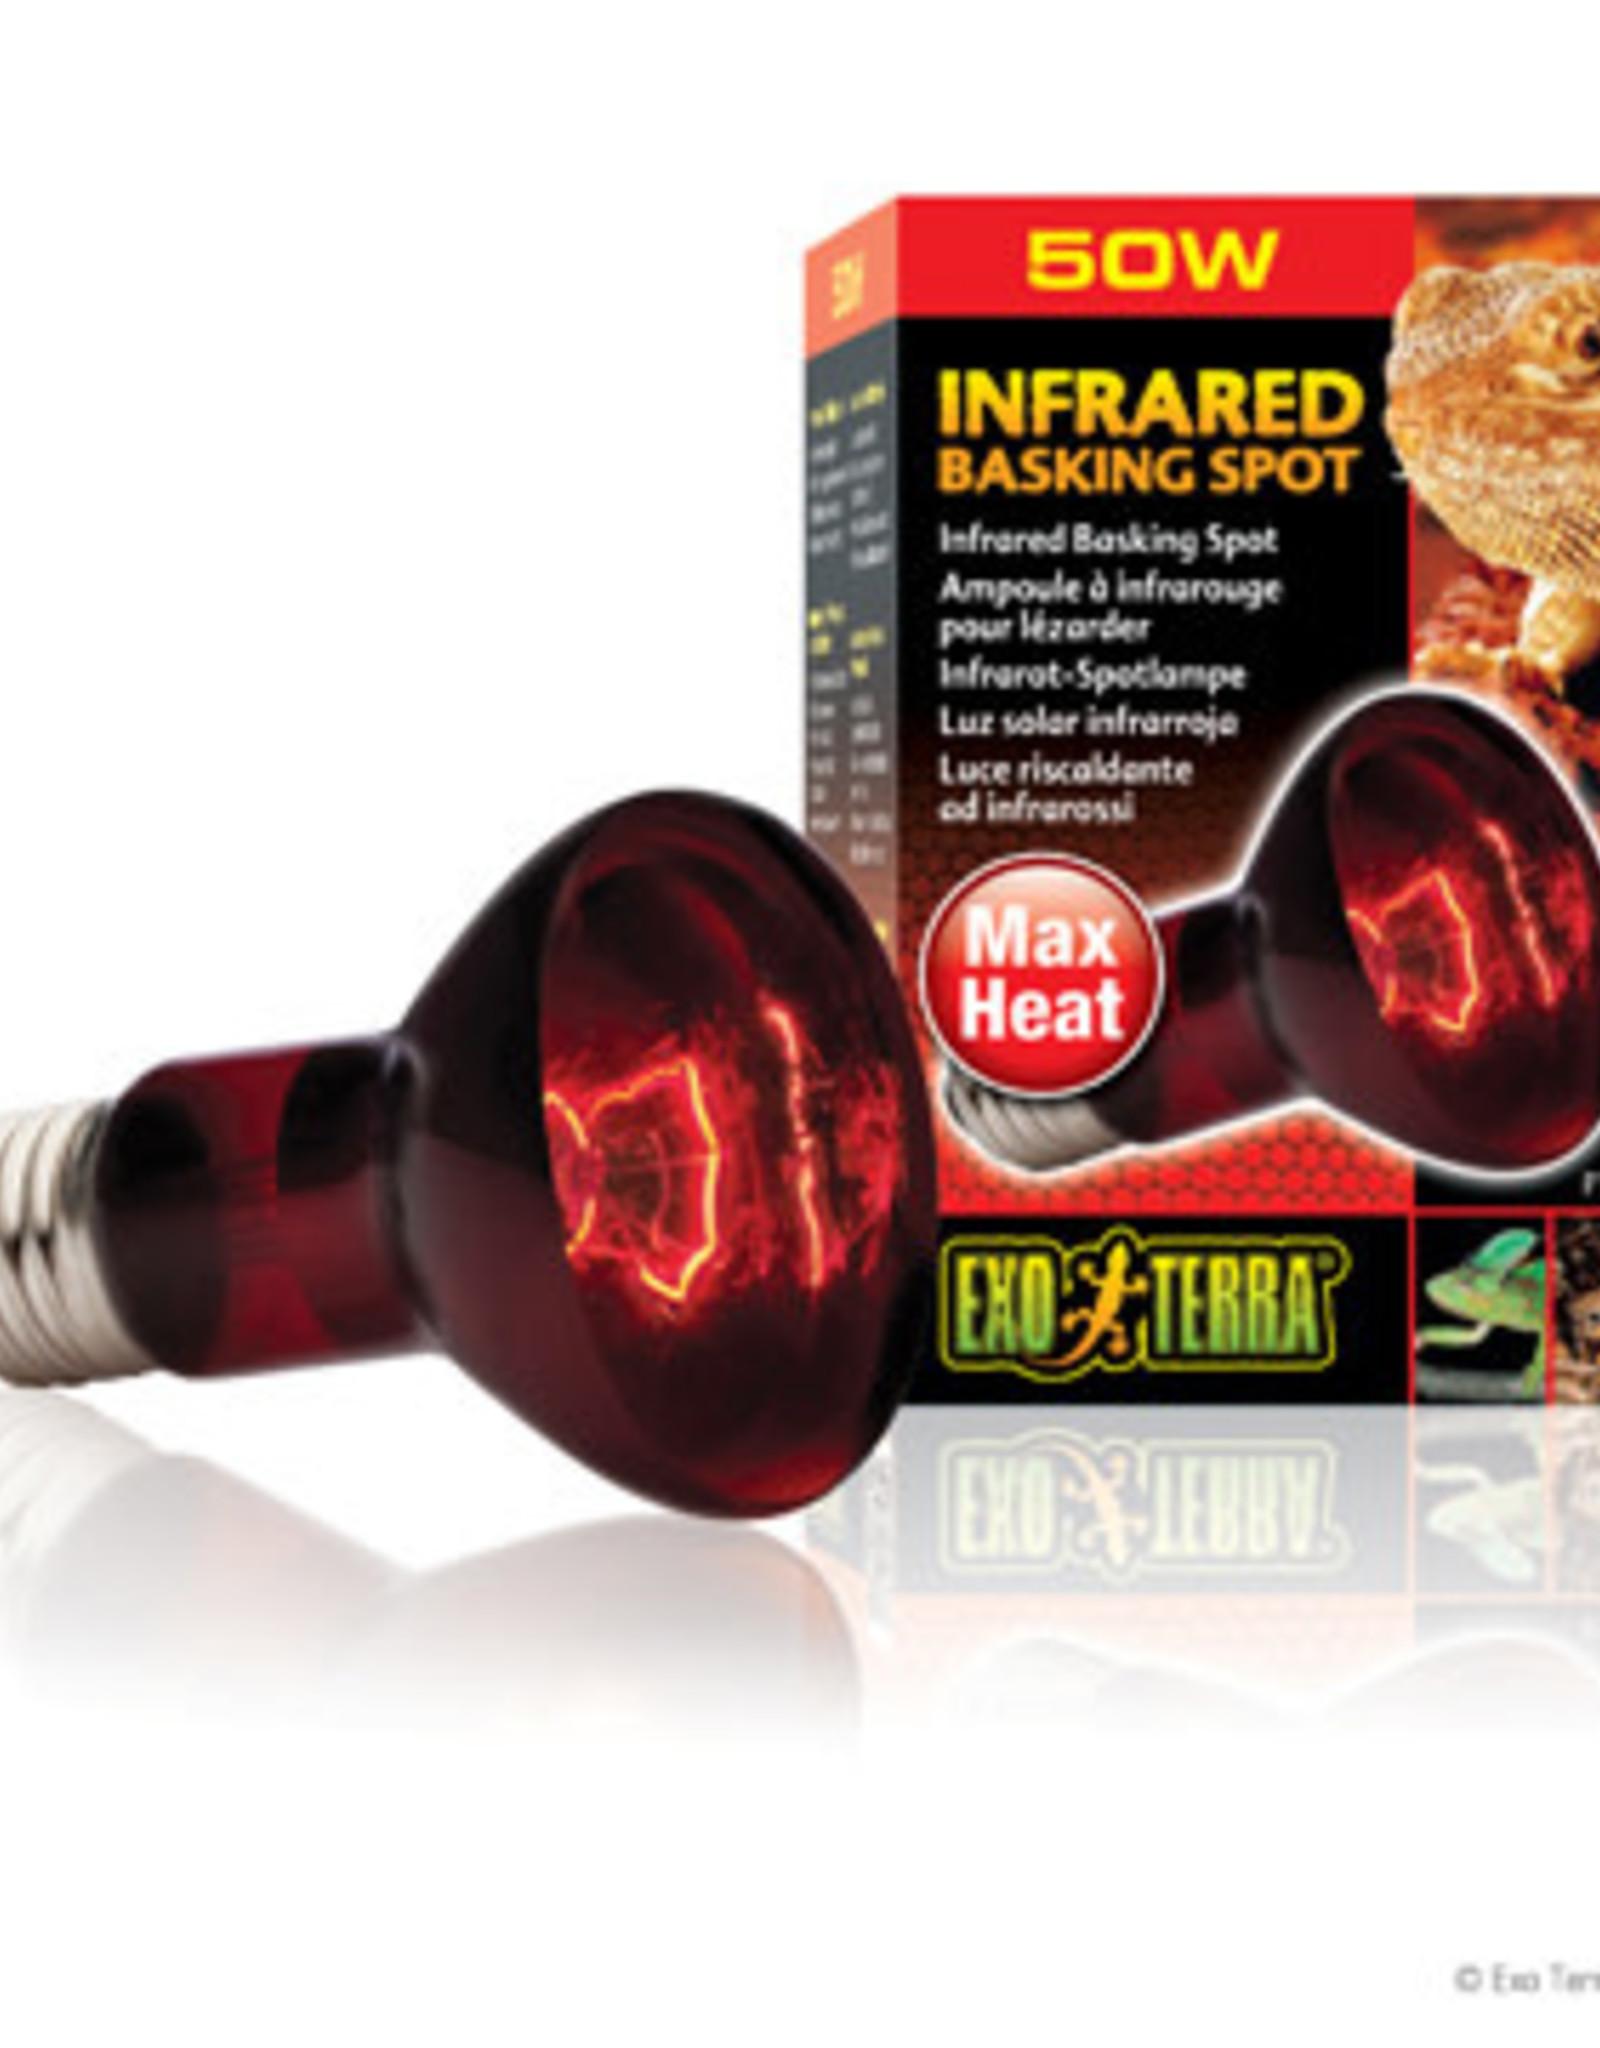 EXO-TERRA Exo Terra Infrared Basking Spot - R20 / 50W